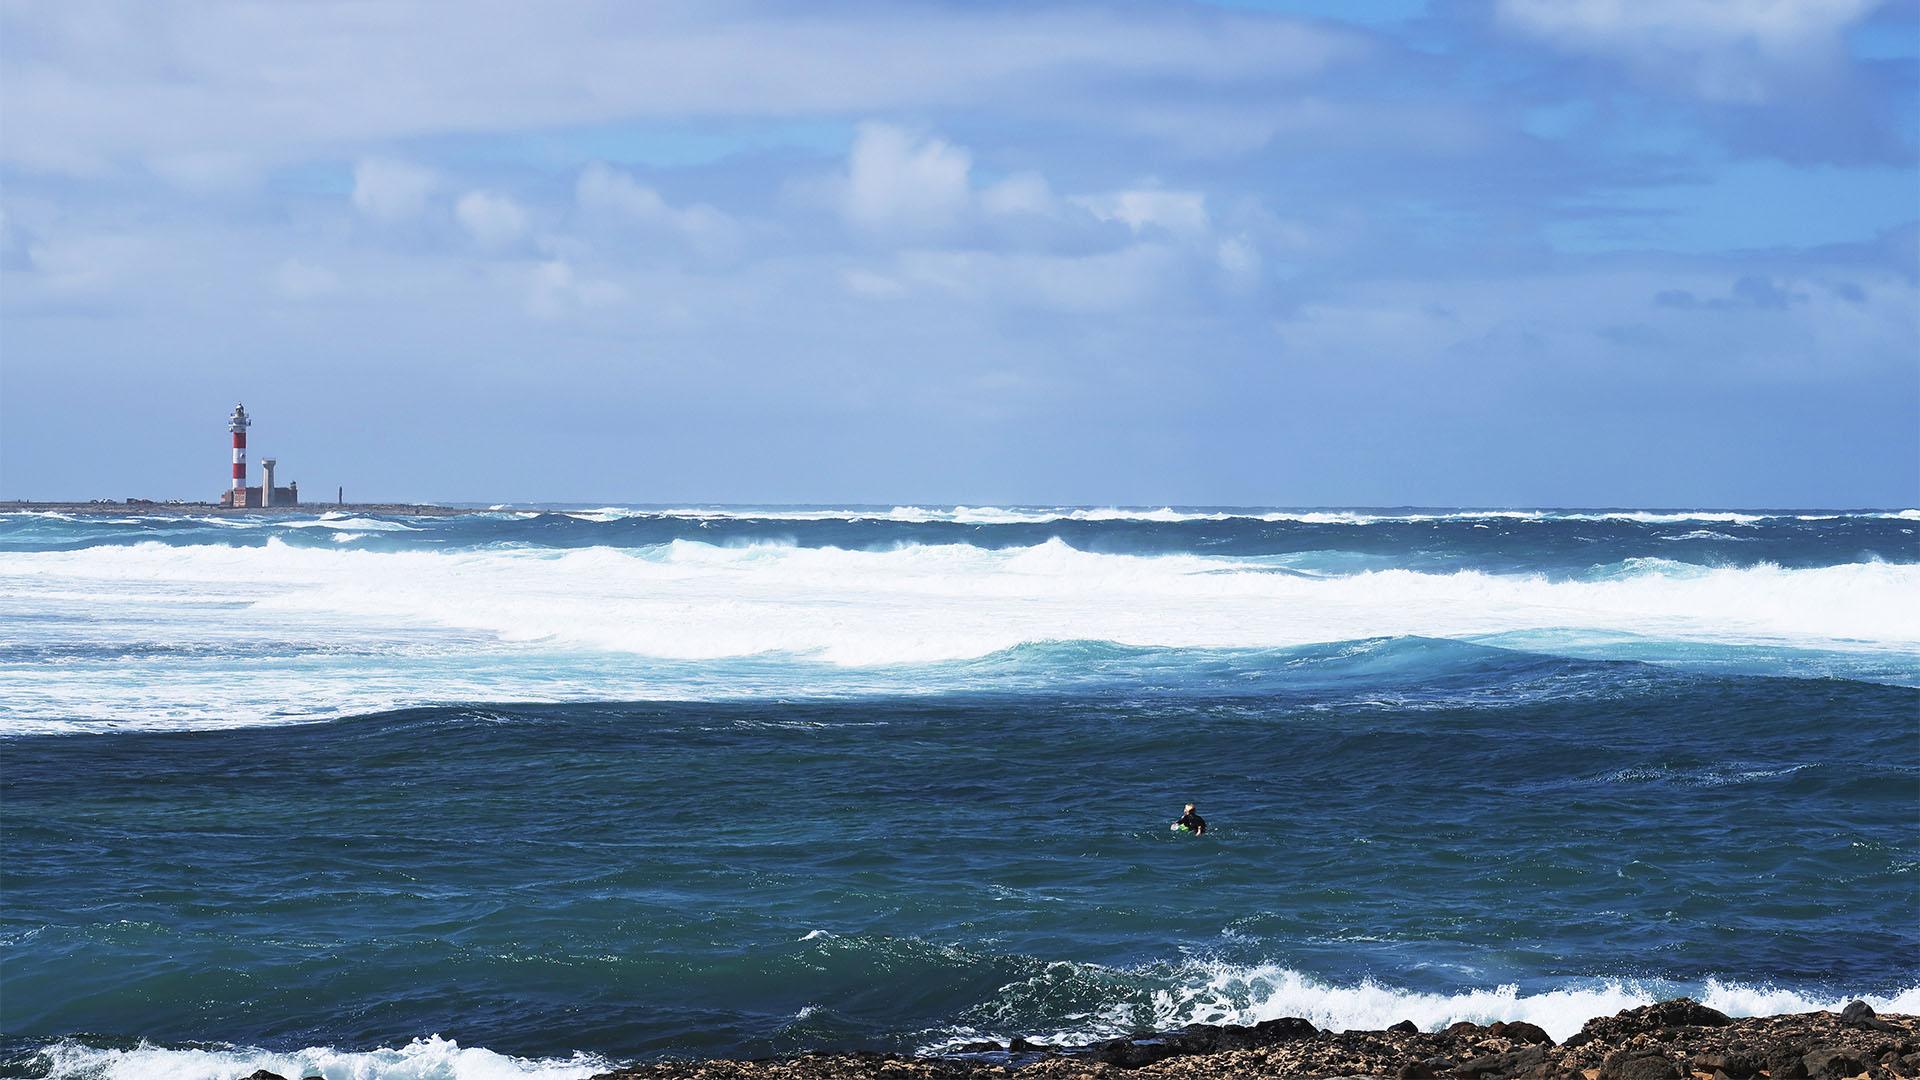 Die Strände im Norden von Fuerteventura – Caleta de Punta Aguda.